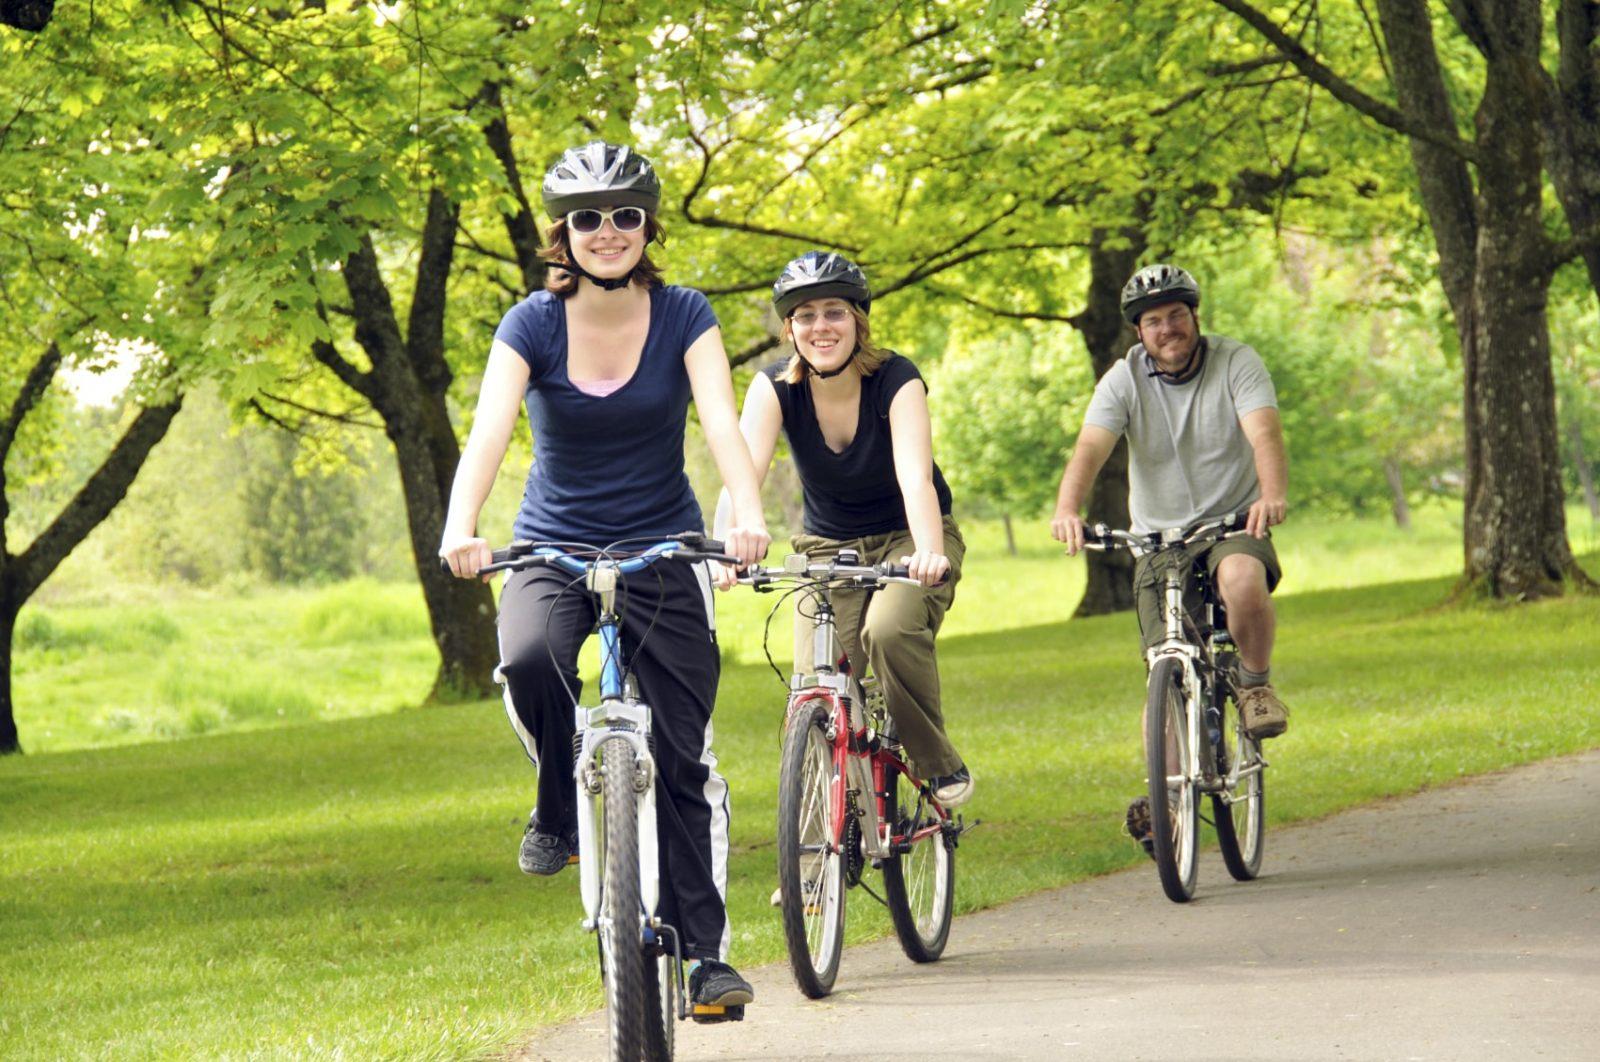 Две девушки и один парень ездят в лесополосе на велосипедах